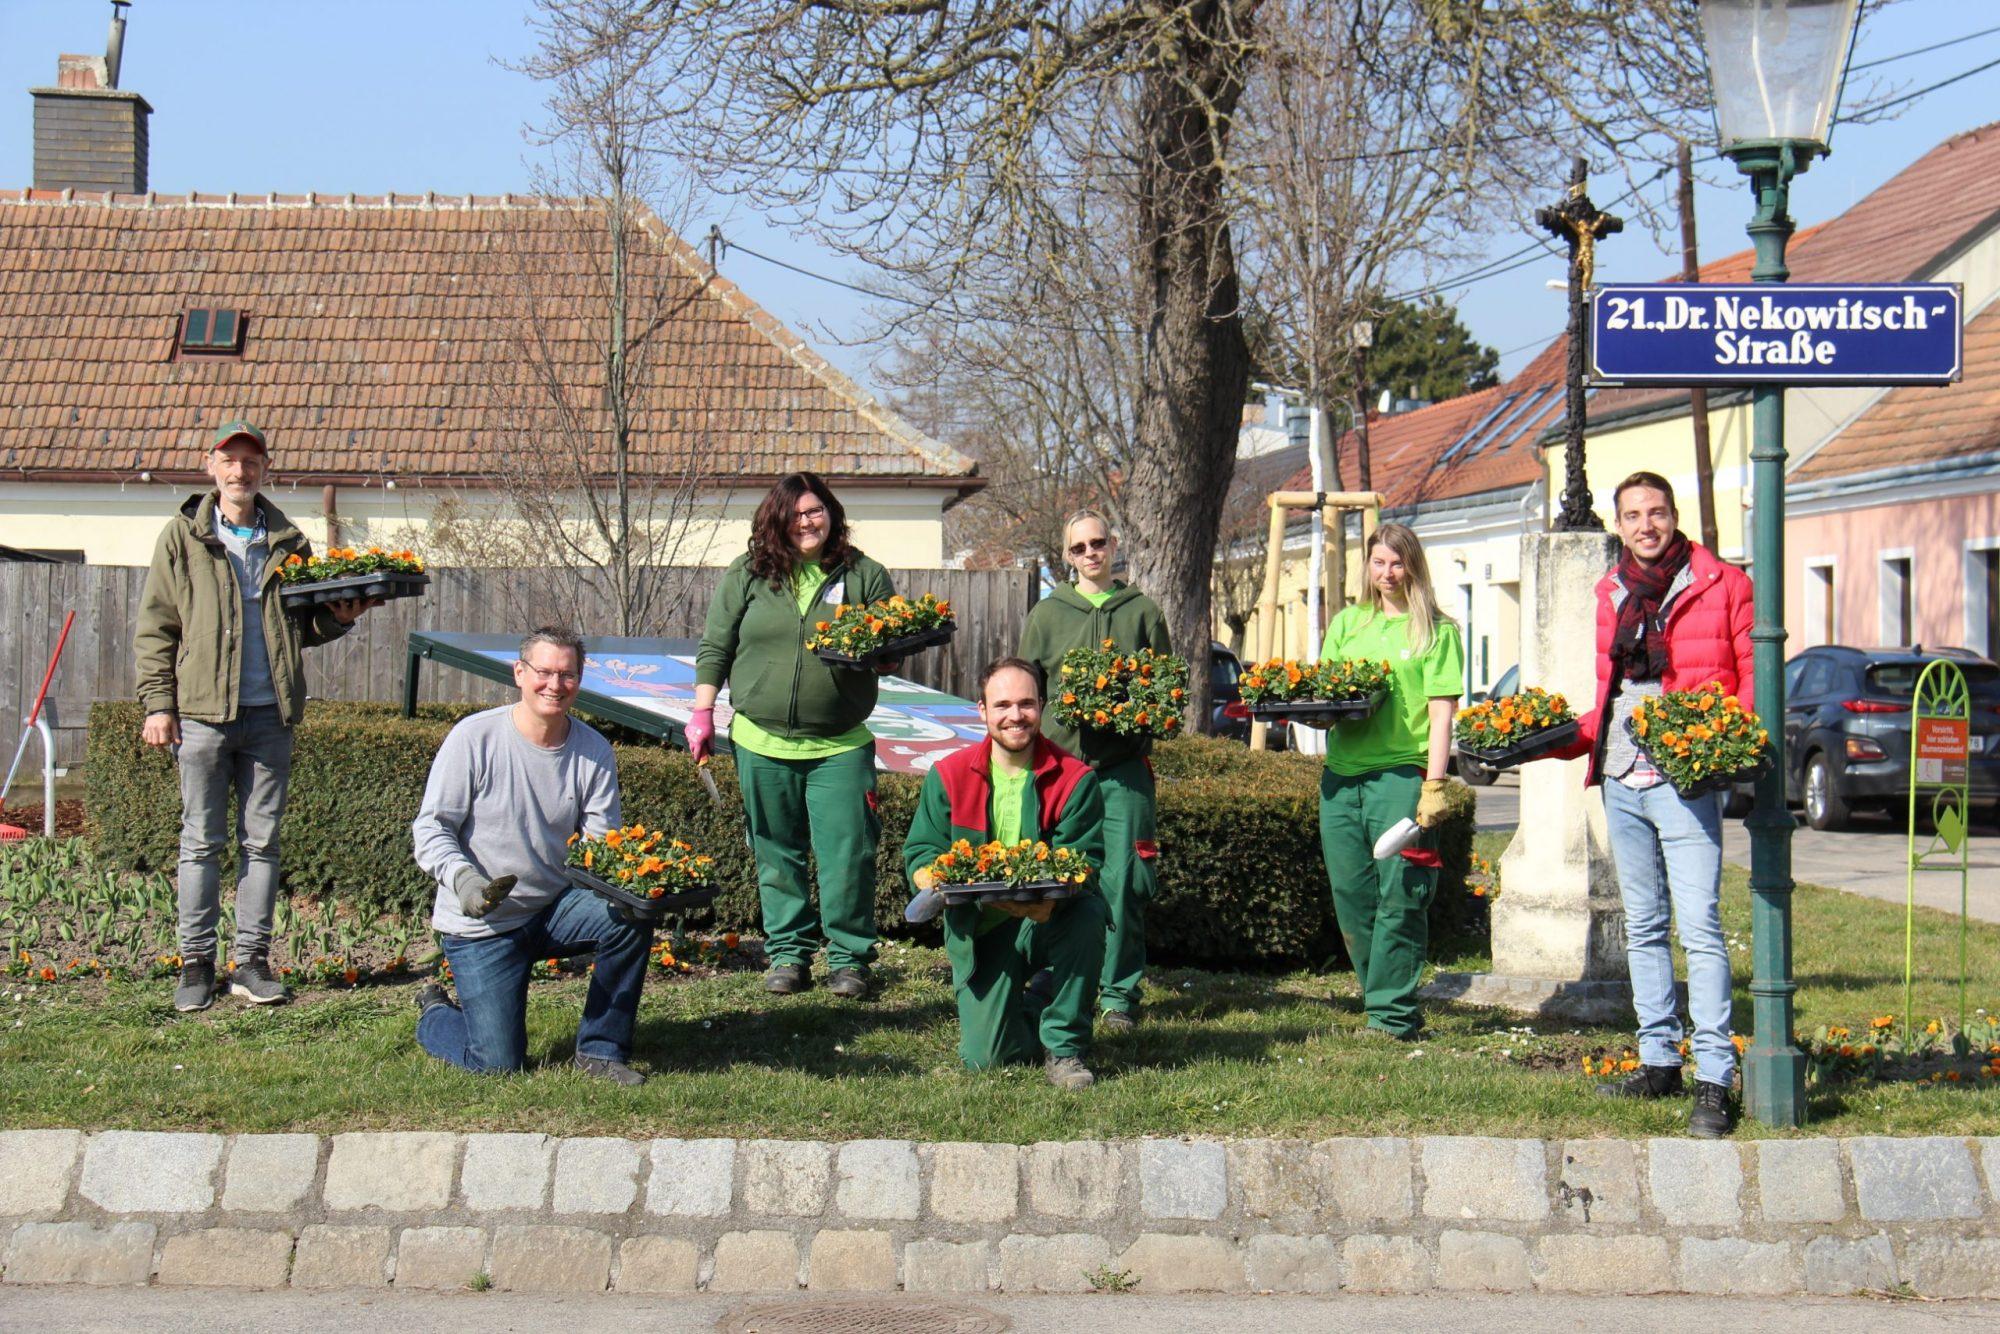 Blumenpflanzungen in Stammersdorf. Bild: BV21.